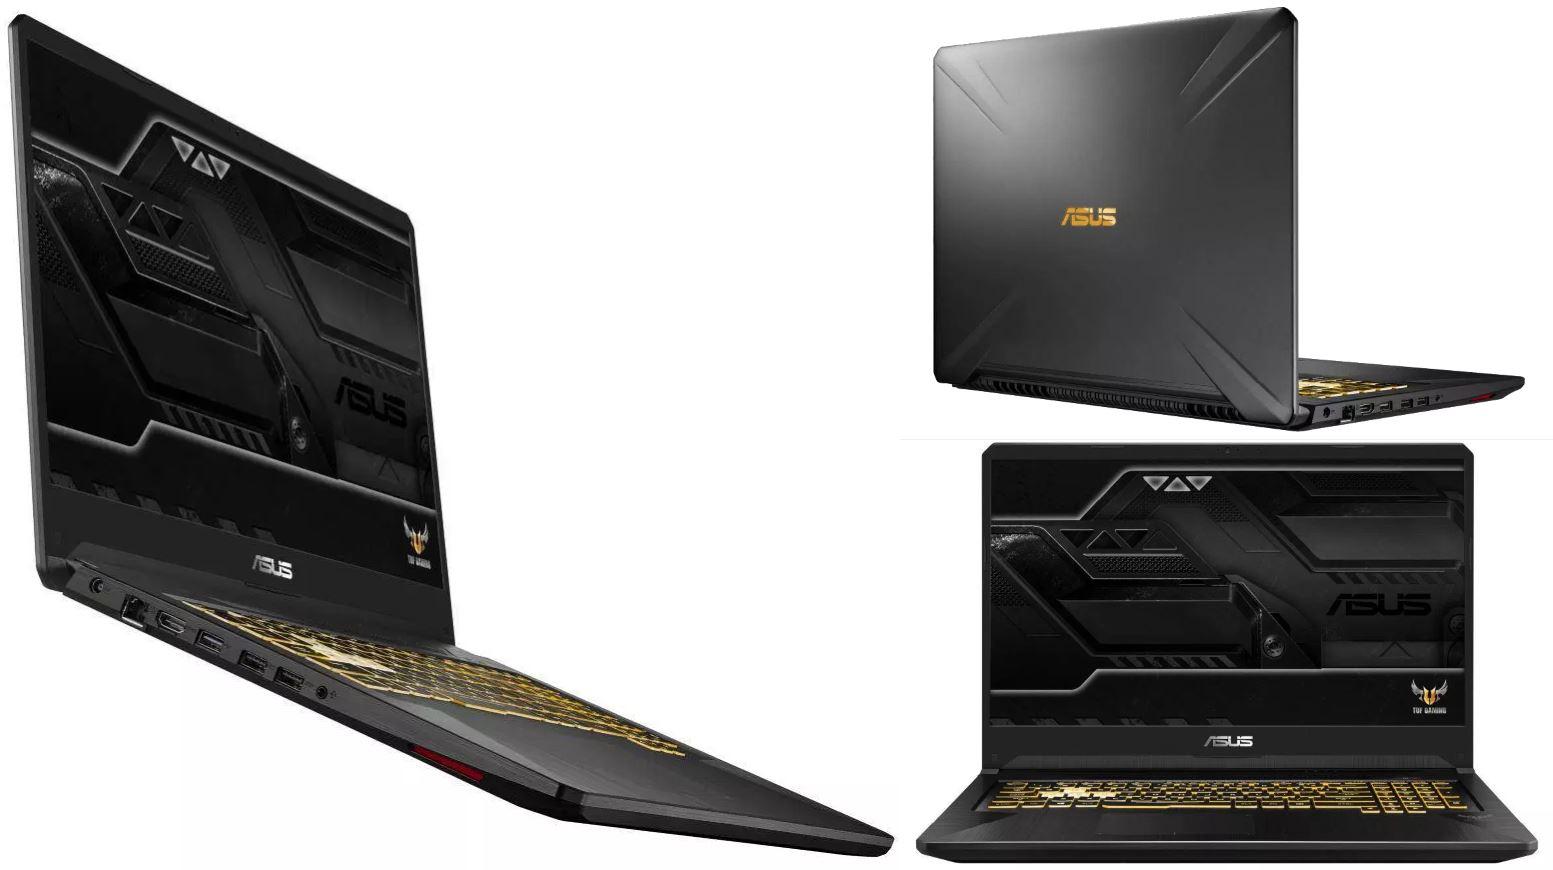 Asus Tuf Fx705gd Ew086 Notebookcheck Net External Reviews